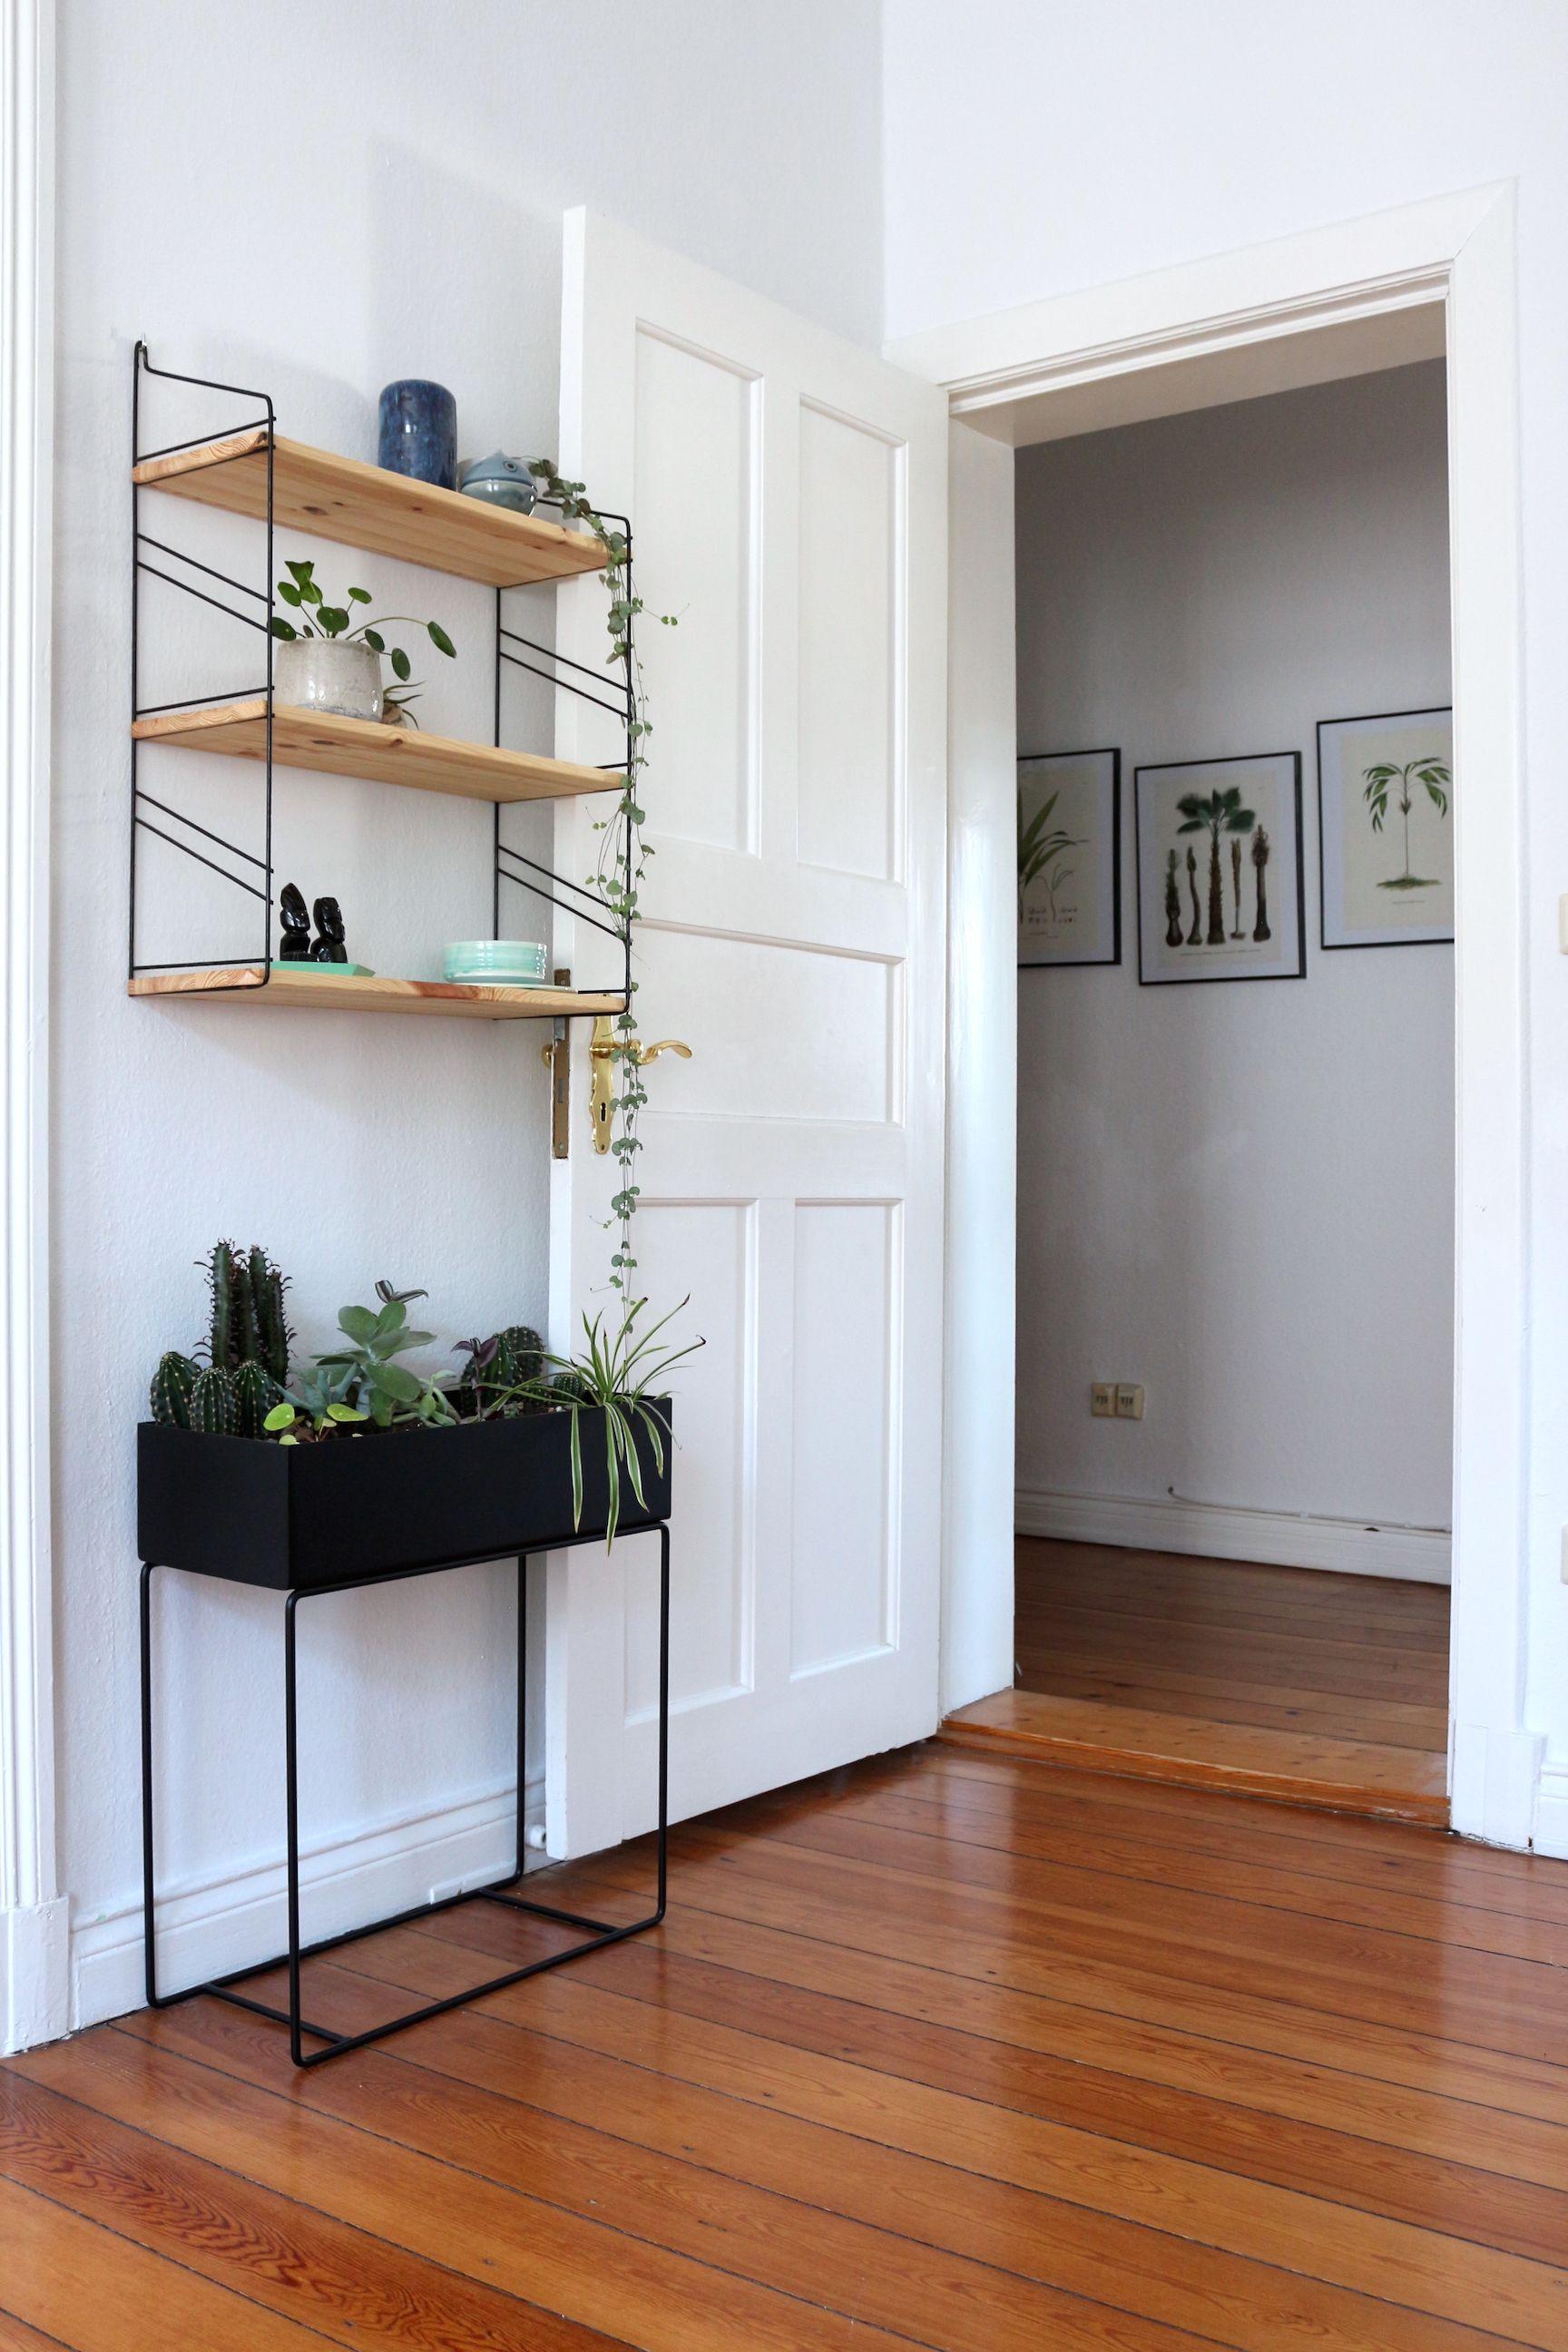 wohnen mit grünen freunden - plant box von ferm living - homestory ... - Home Office Mit Ausblick Design Bilder